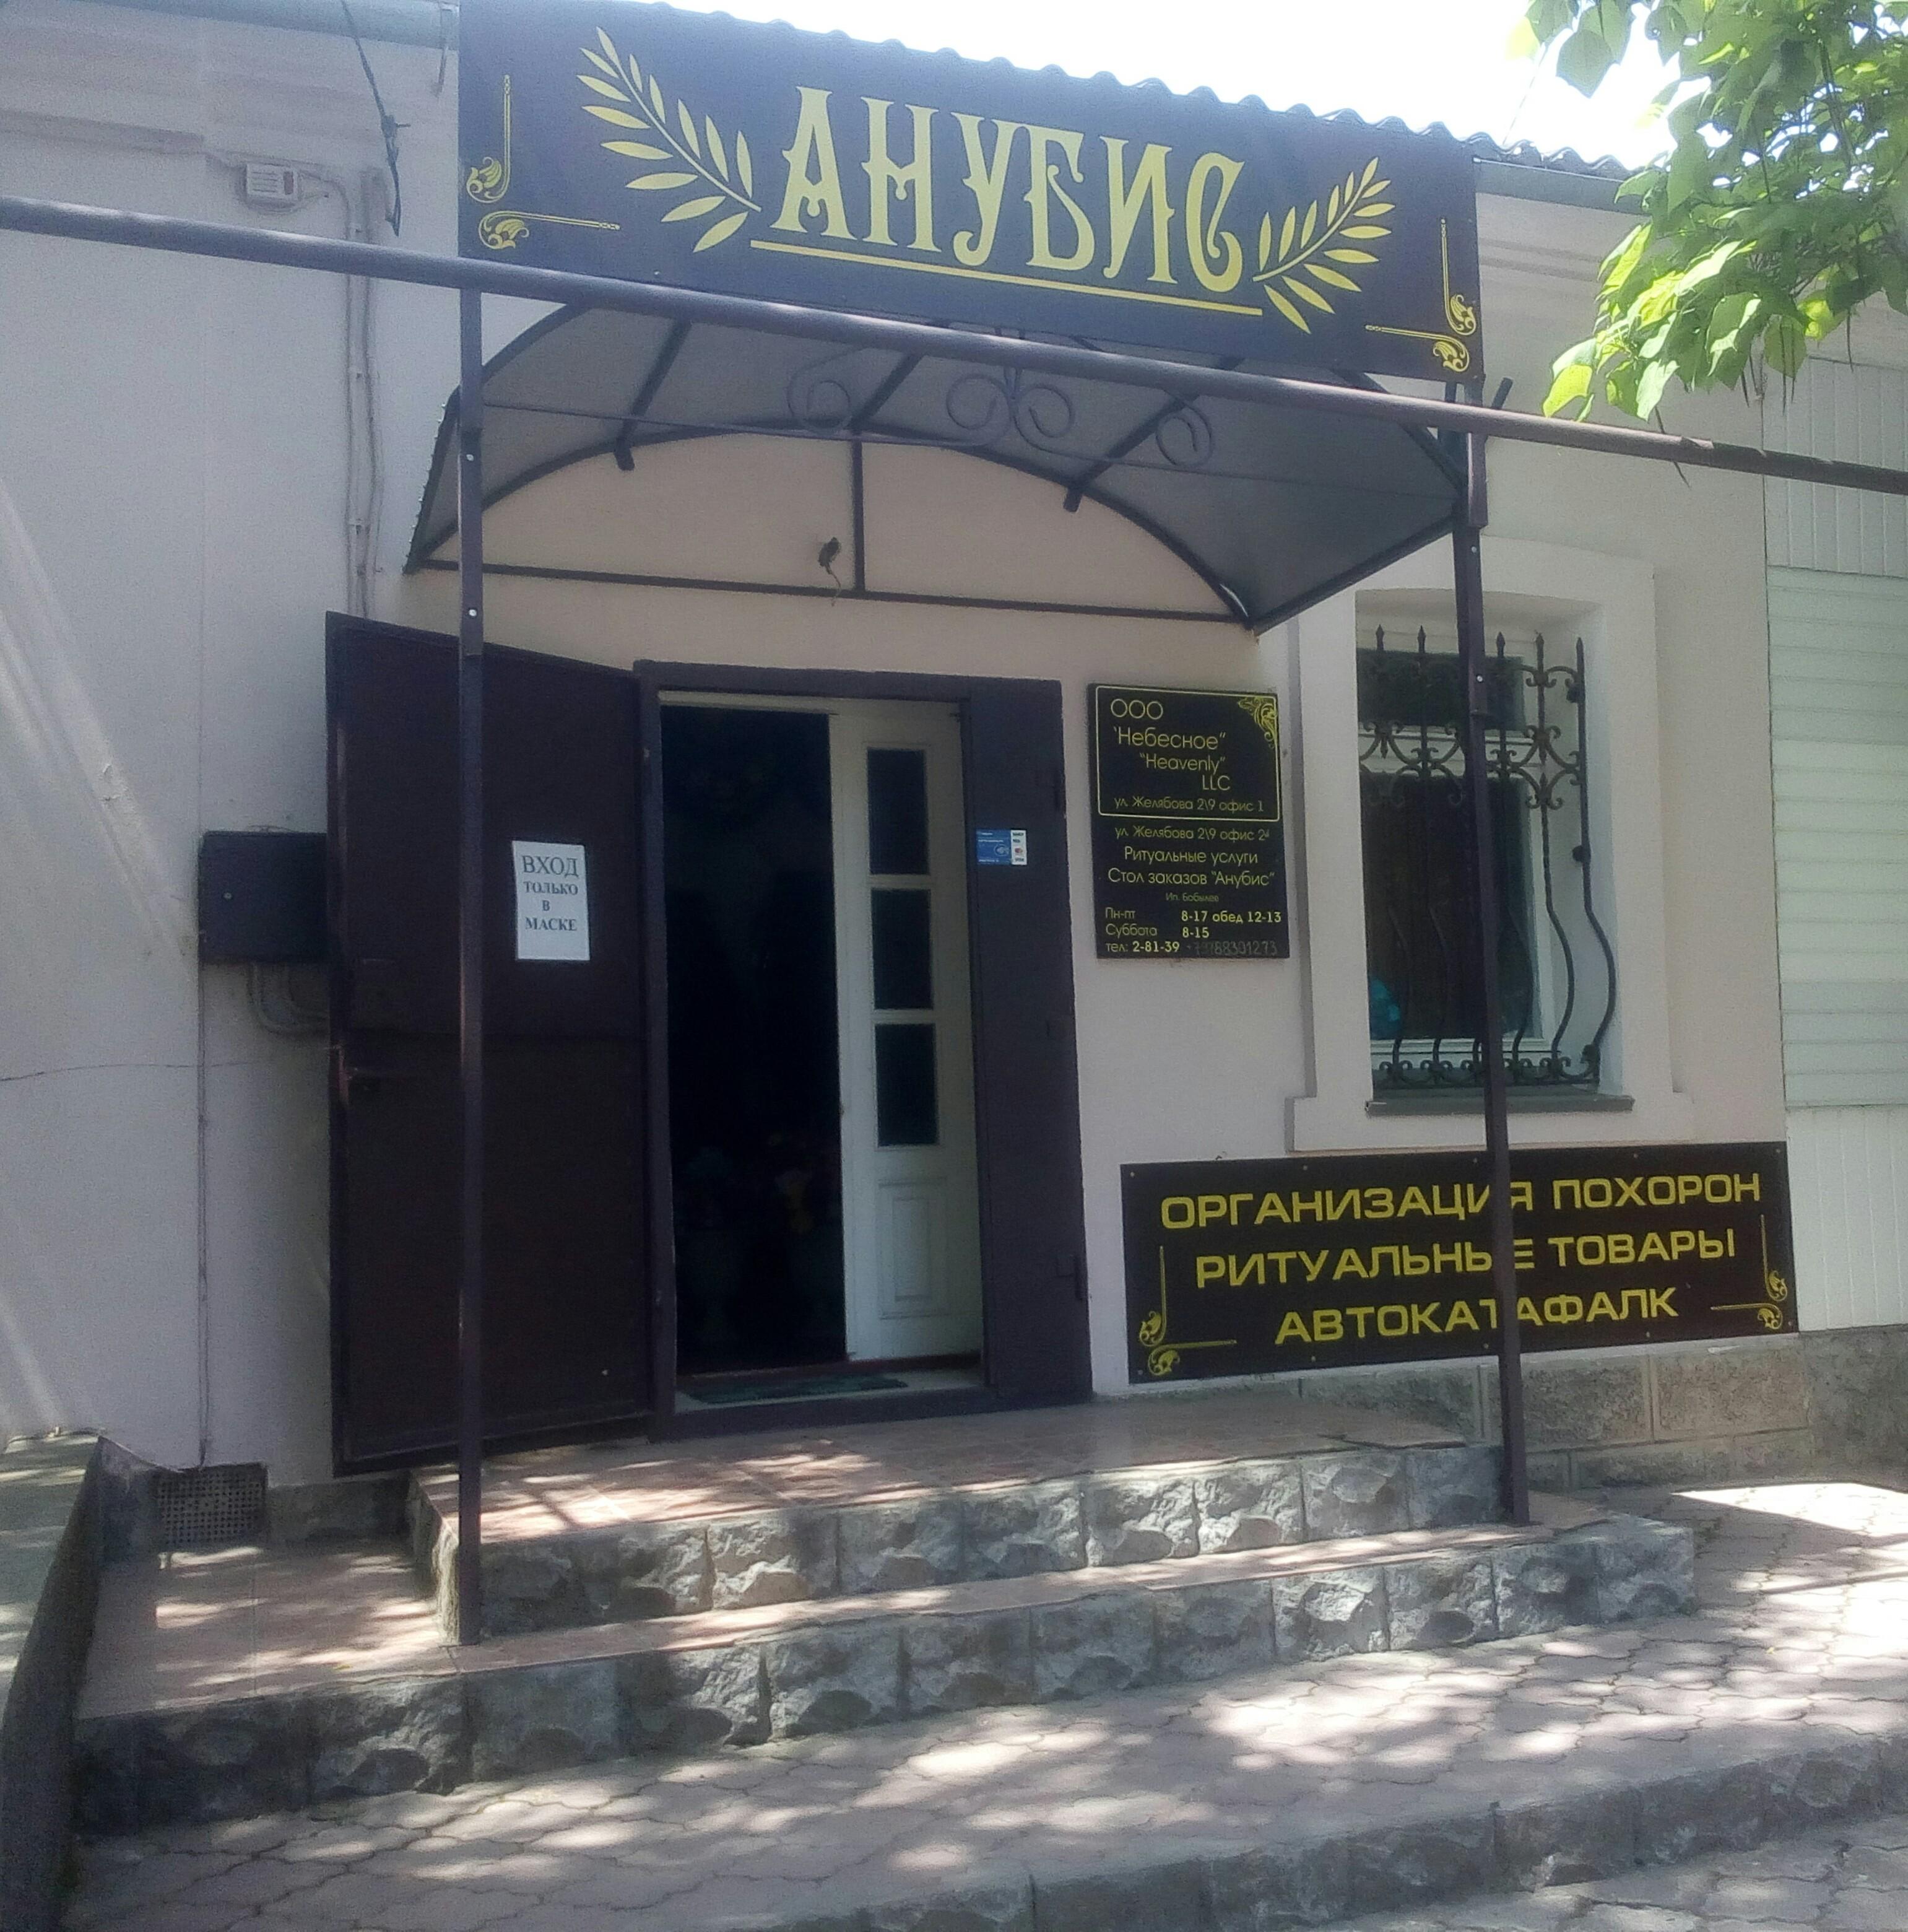 Похоронный дом «Анубис»